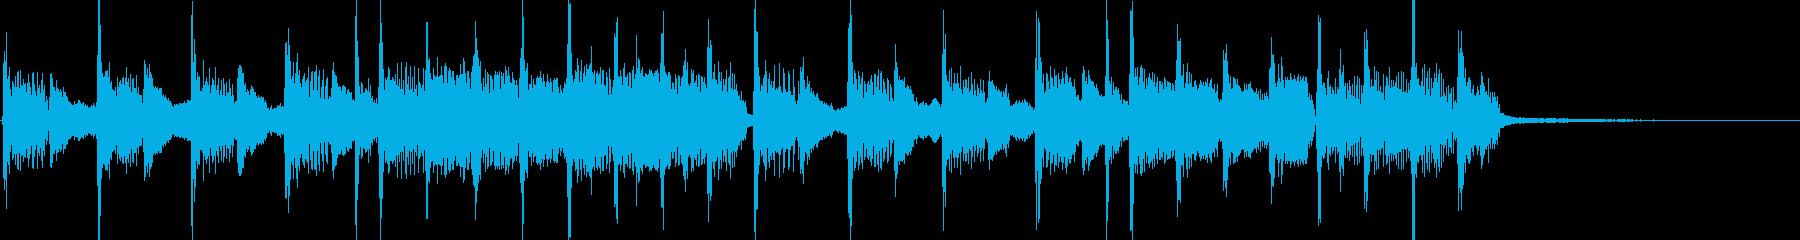 小さないたずらをイメージさせるジングルの再生済みの波形